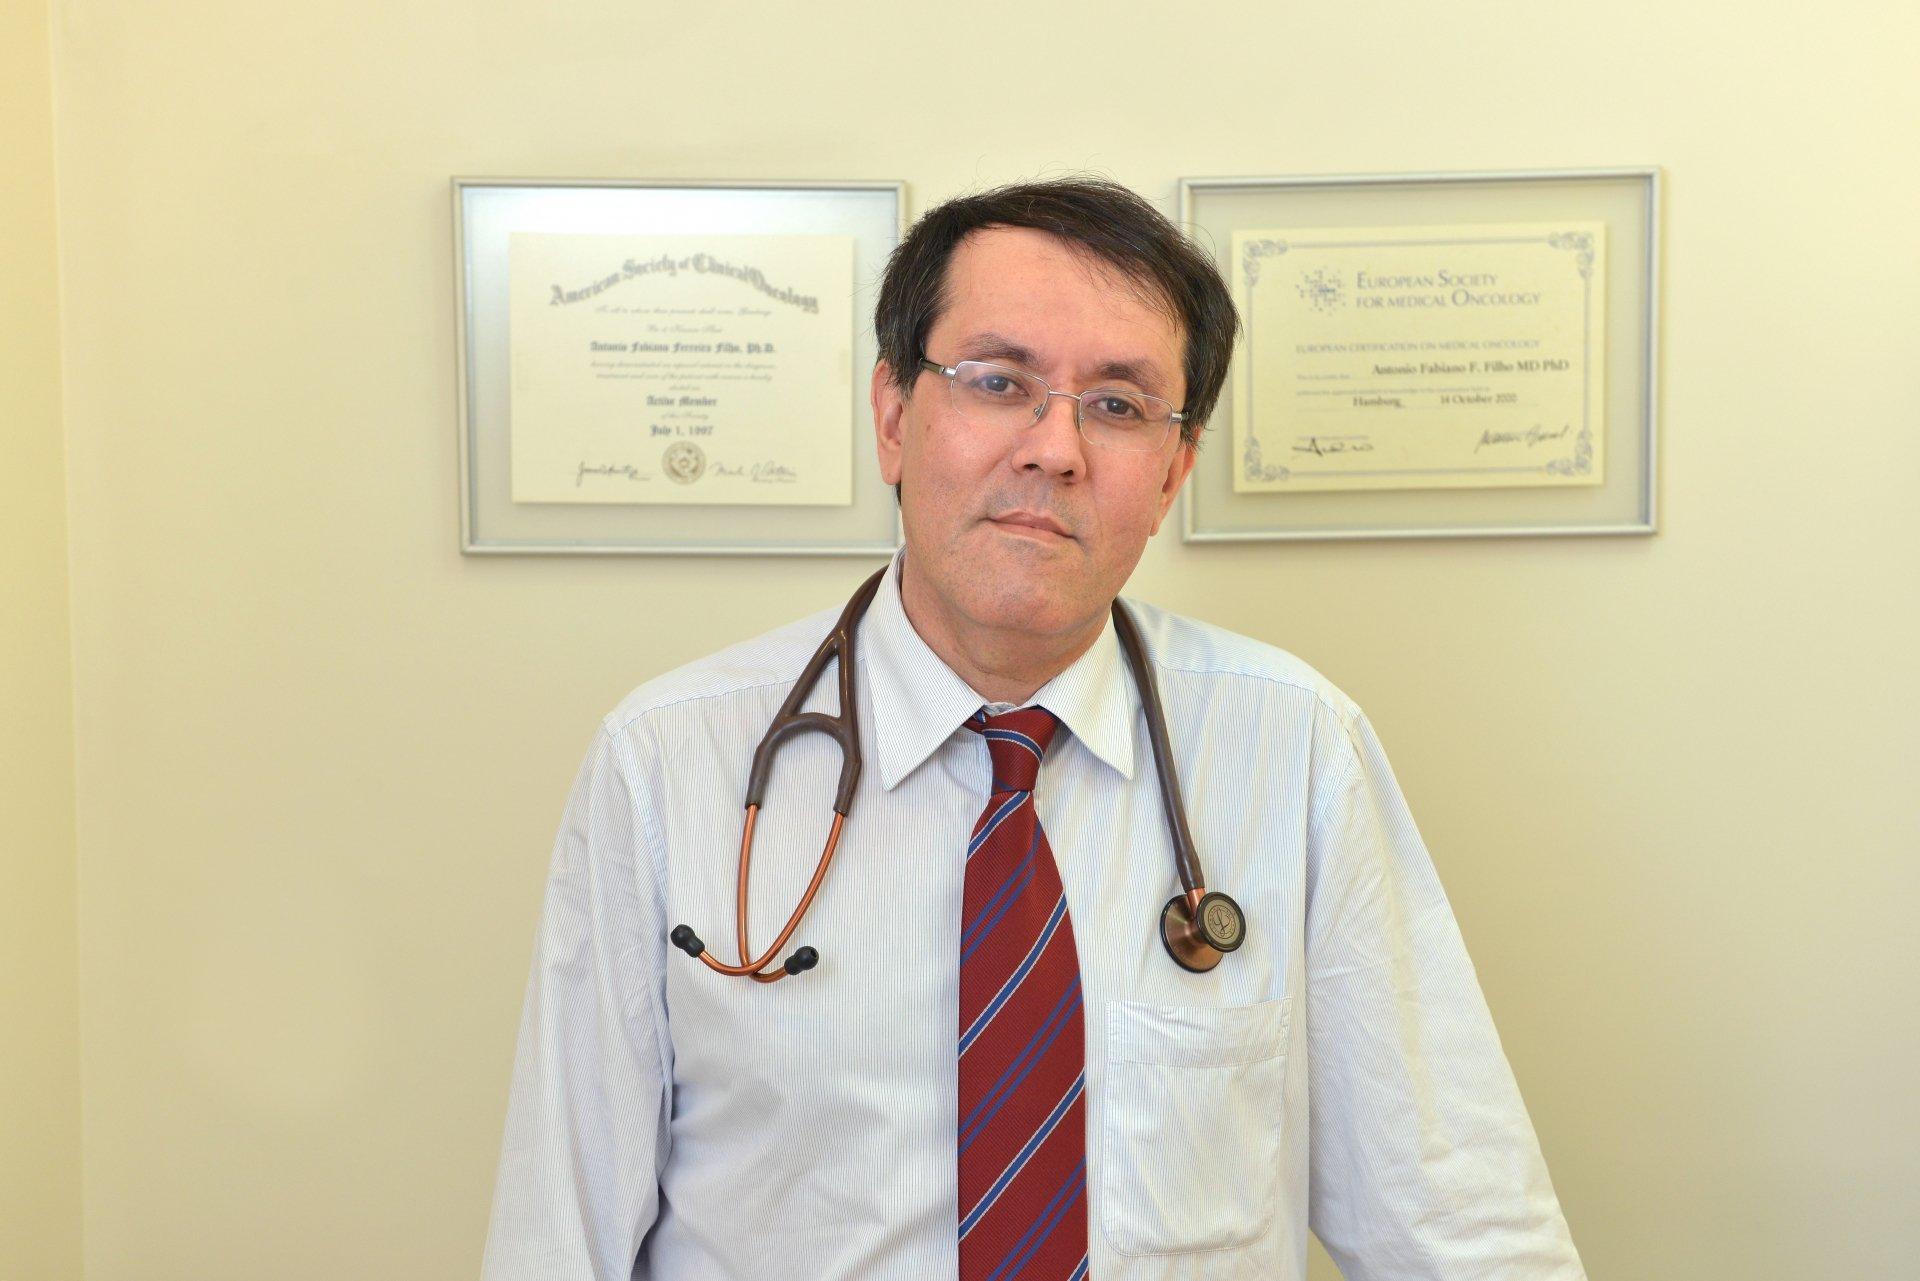 Cartilha dá dicas para prevenir o câncer de próstata — Novembro Azul